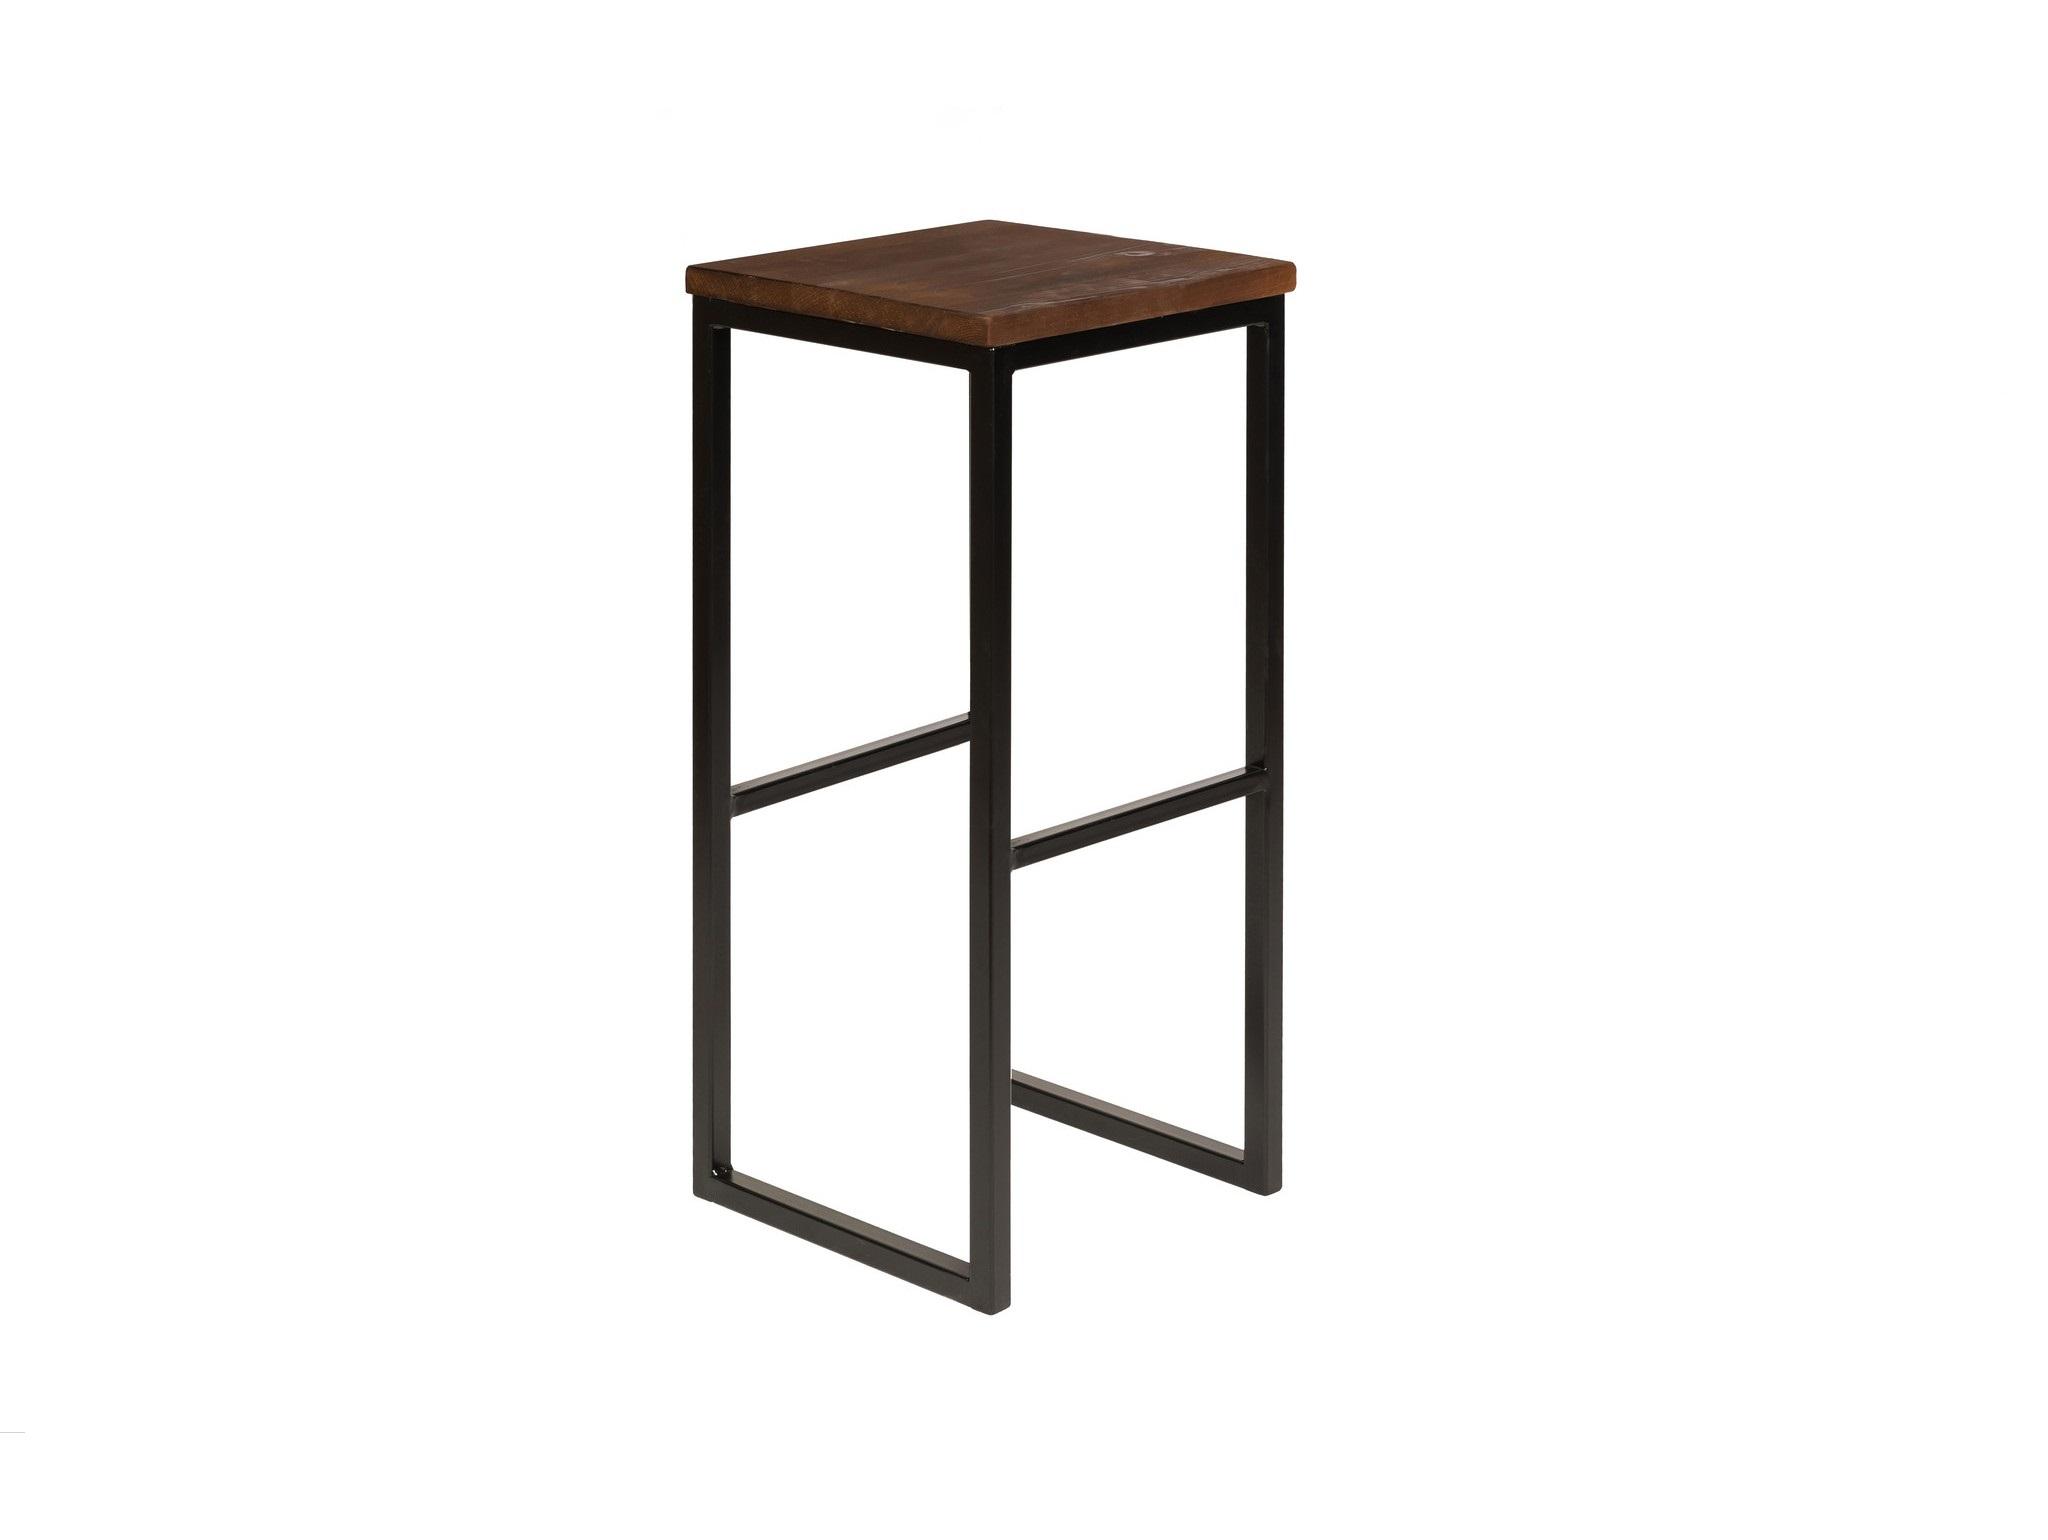 Барный стул Idea 6176140 от thefurnish